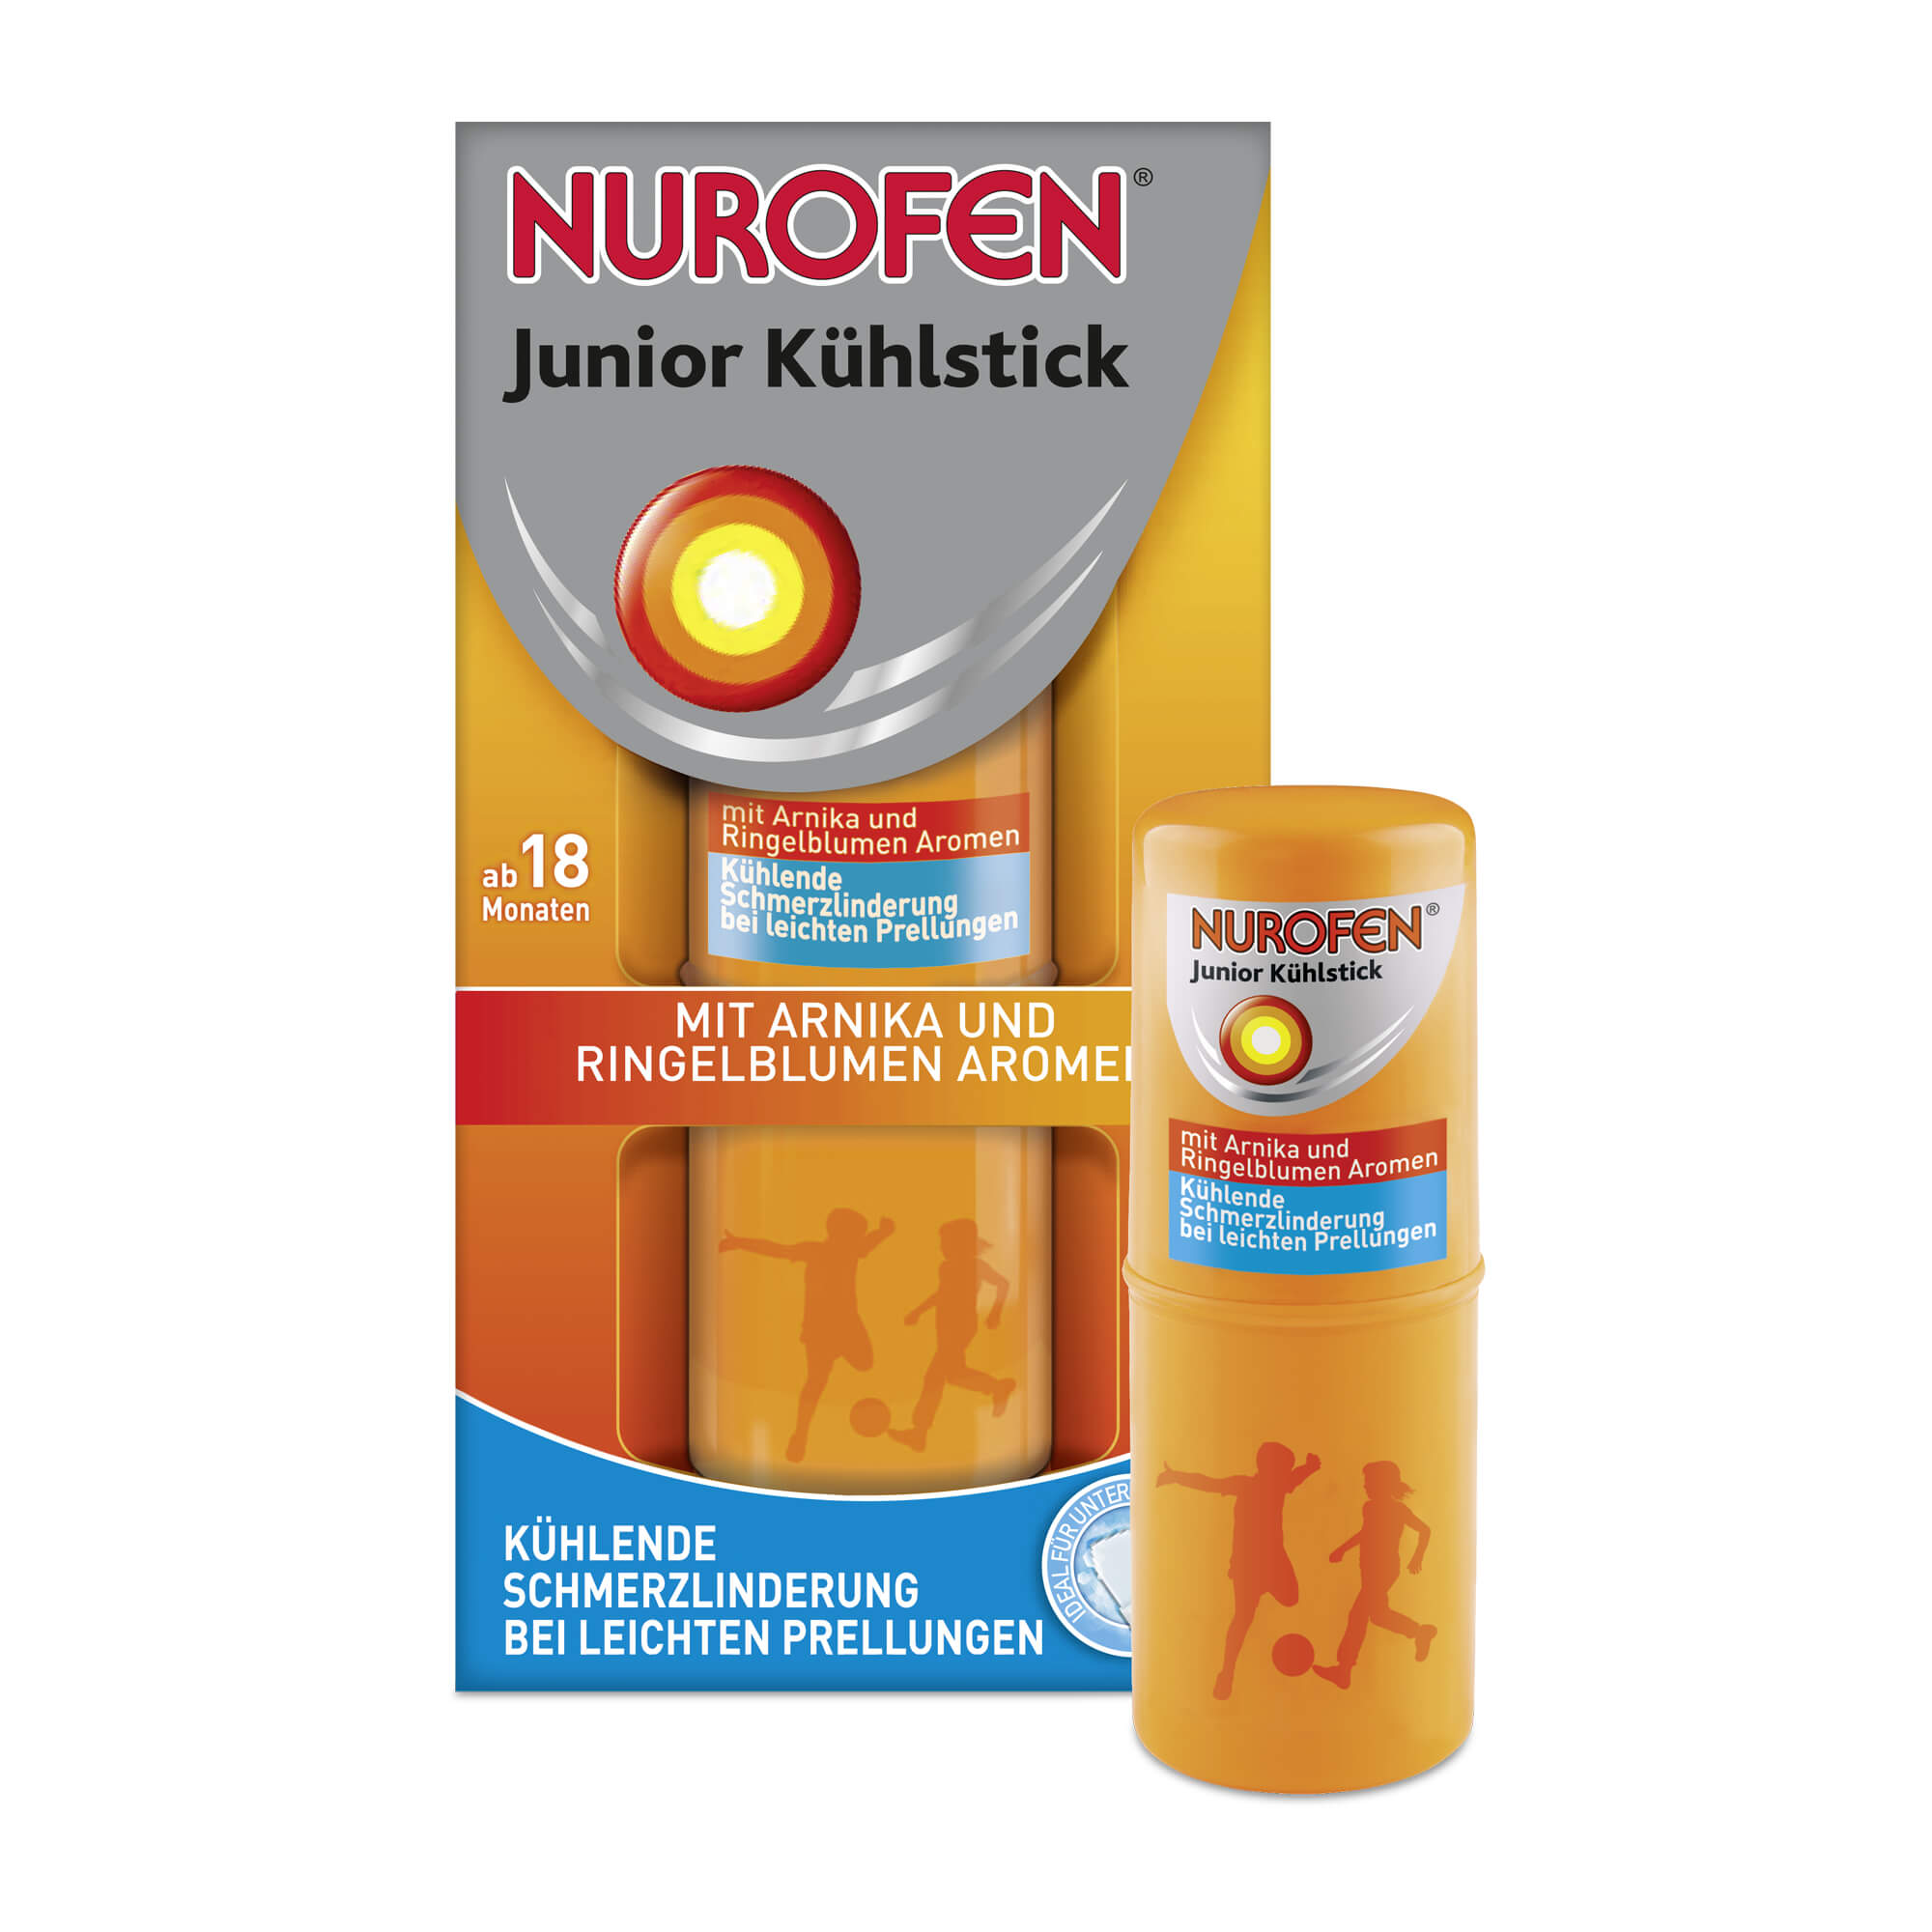 Nurofen Junior Kühlstick bei Mückenstiche